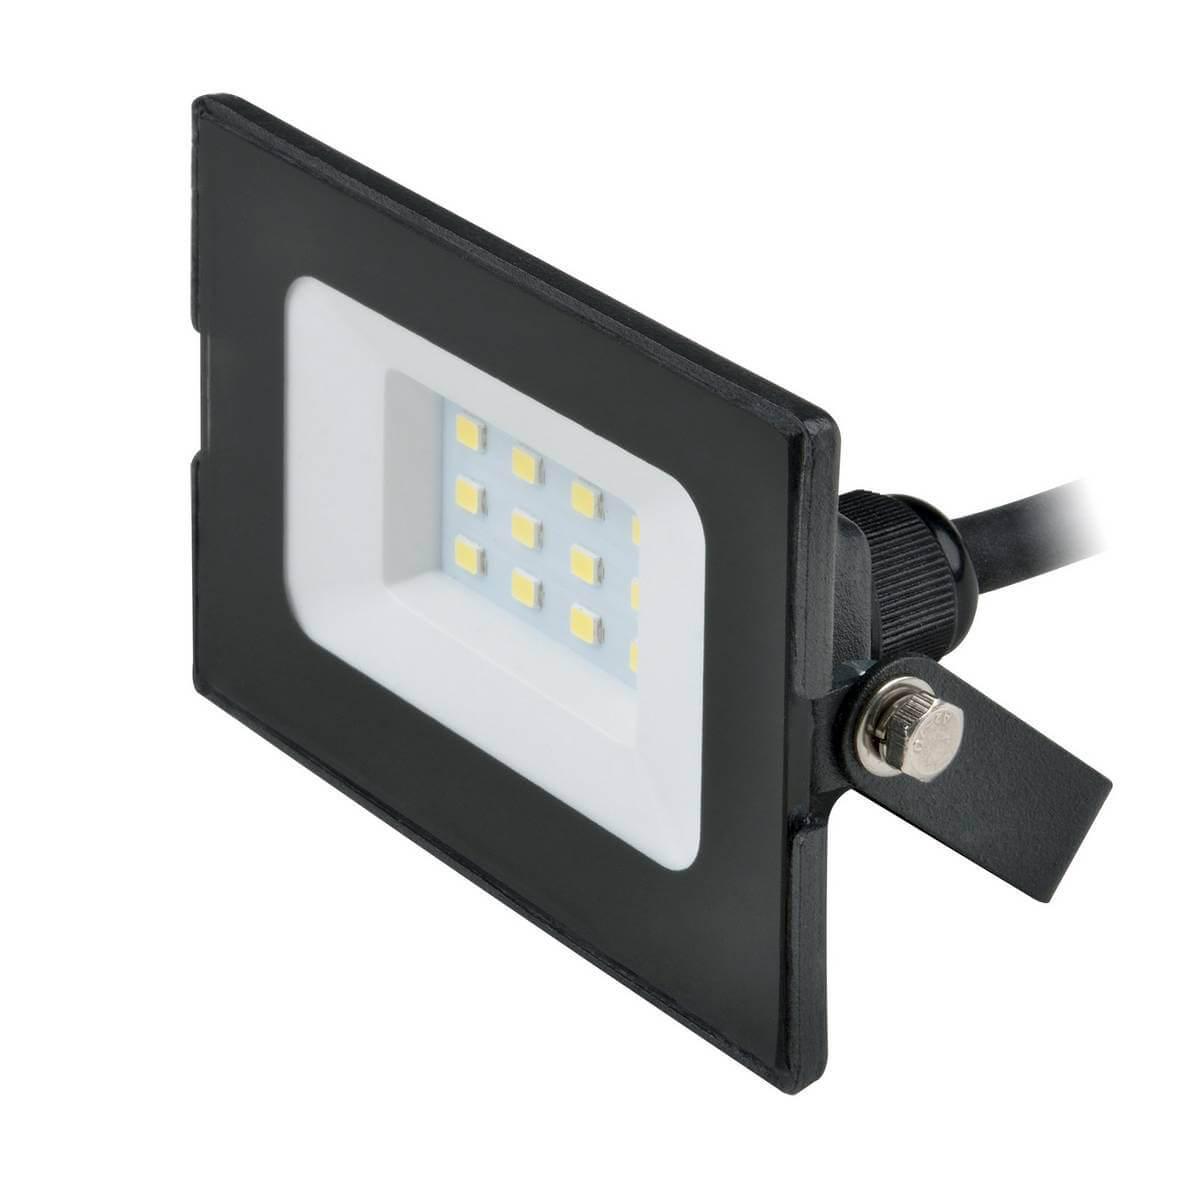 Прожектор Volpe ULF-Q513 10W/3000K IP65 220-240В BLACK